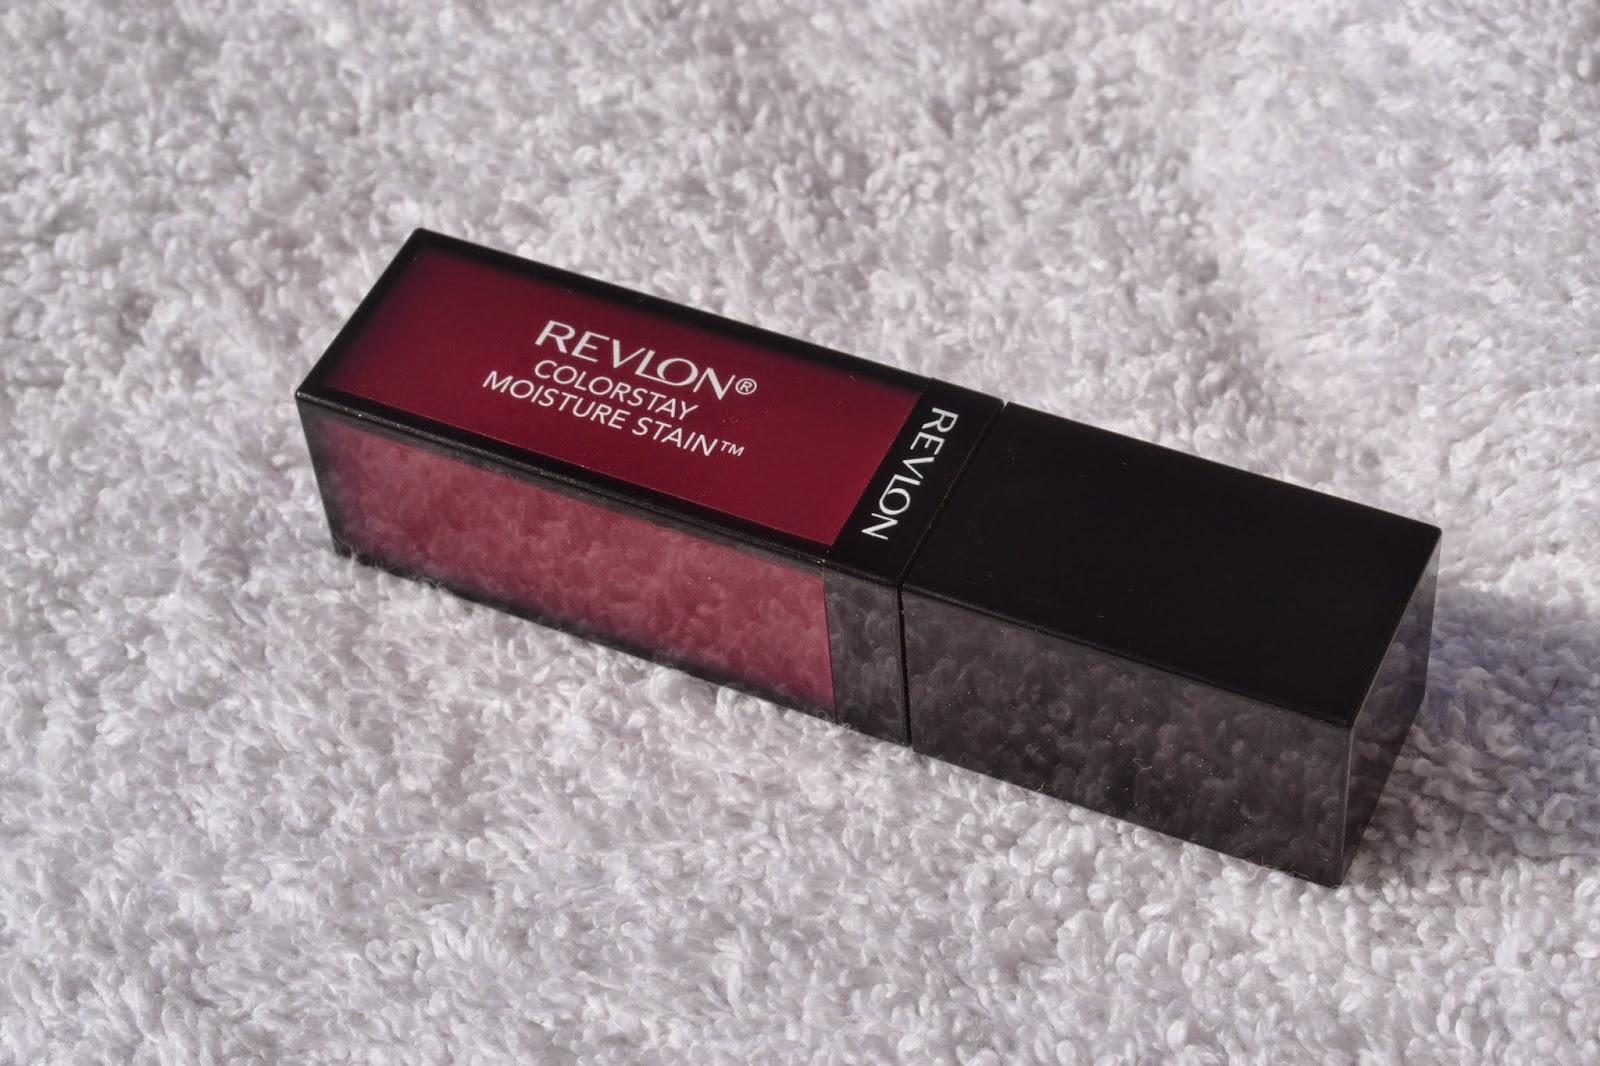 revlon-colorstay-moisture-stain-parisian-passion